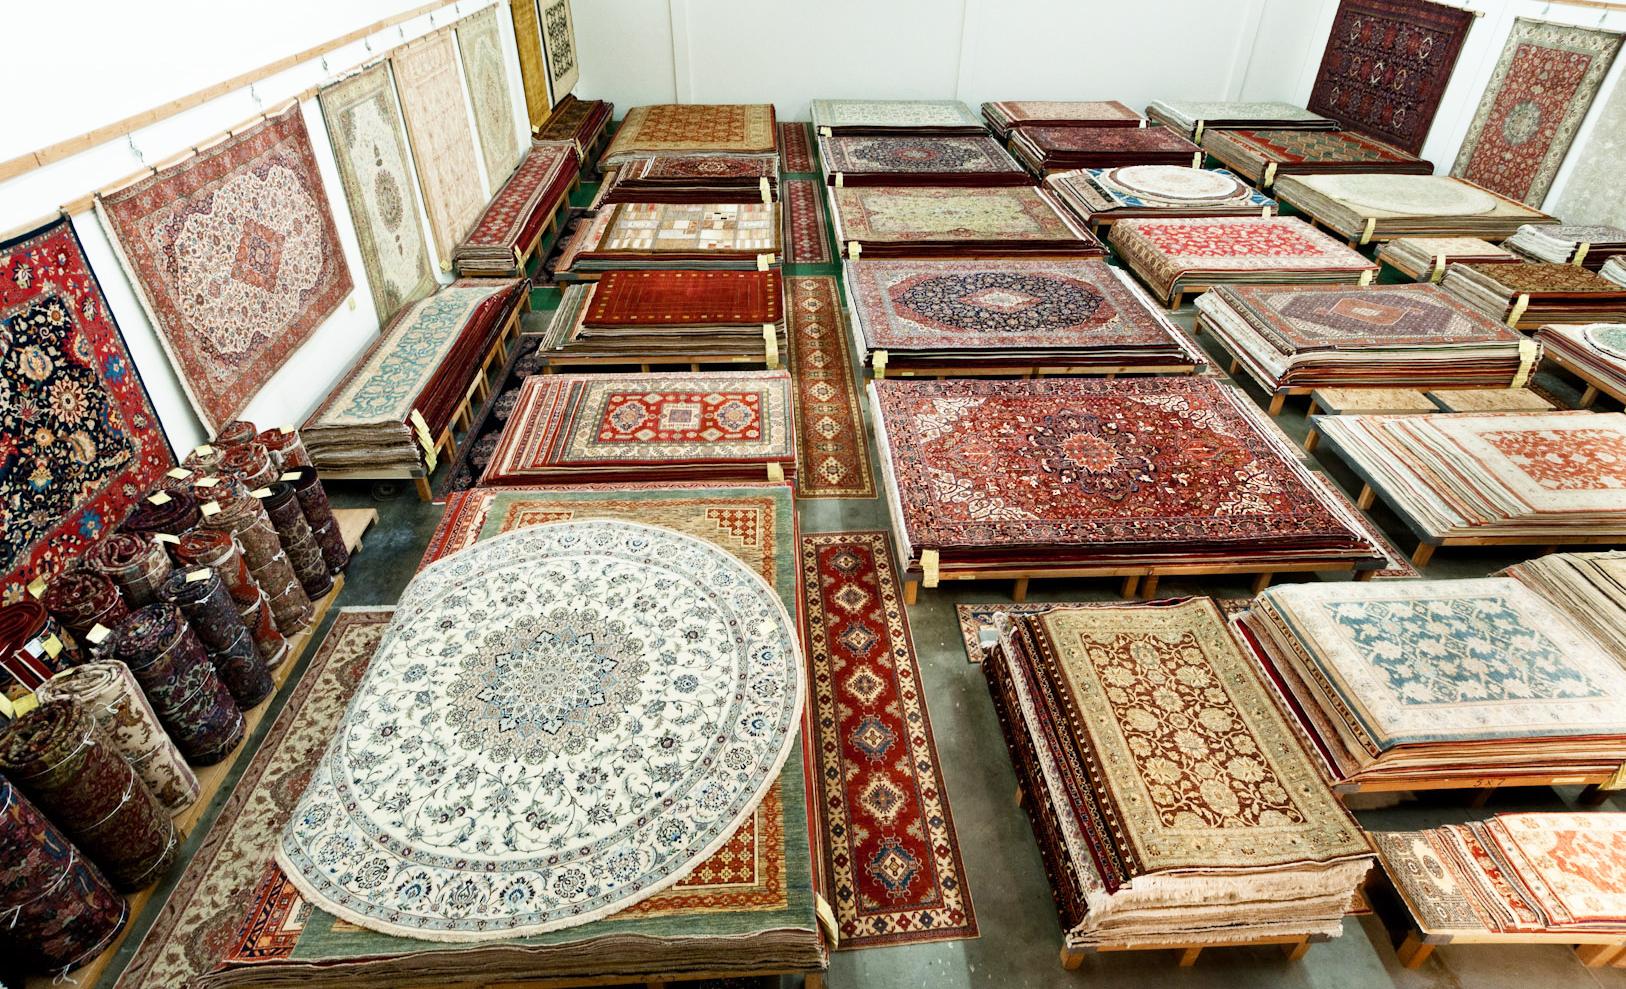 vid_1461 buy oriental rugs online ... CYBWIKP